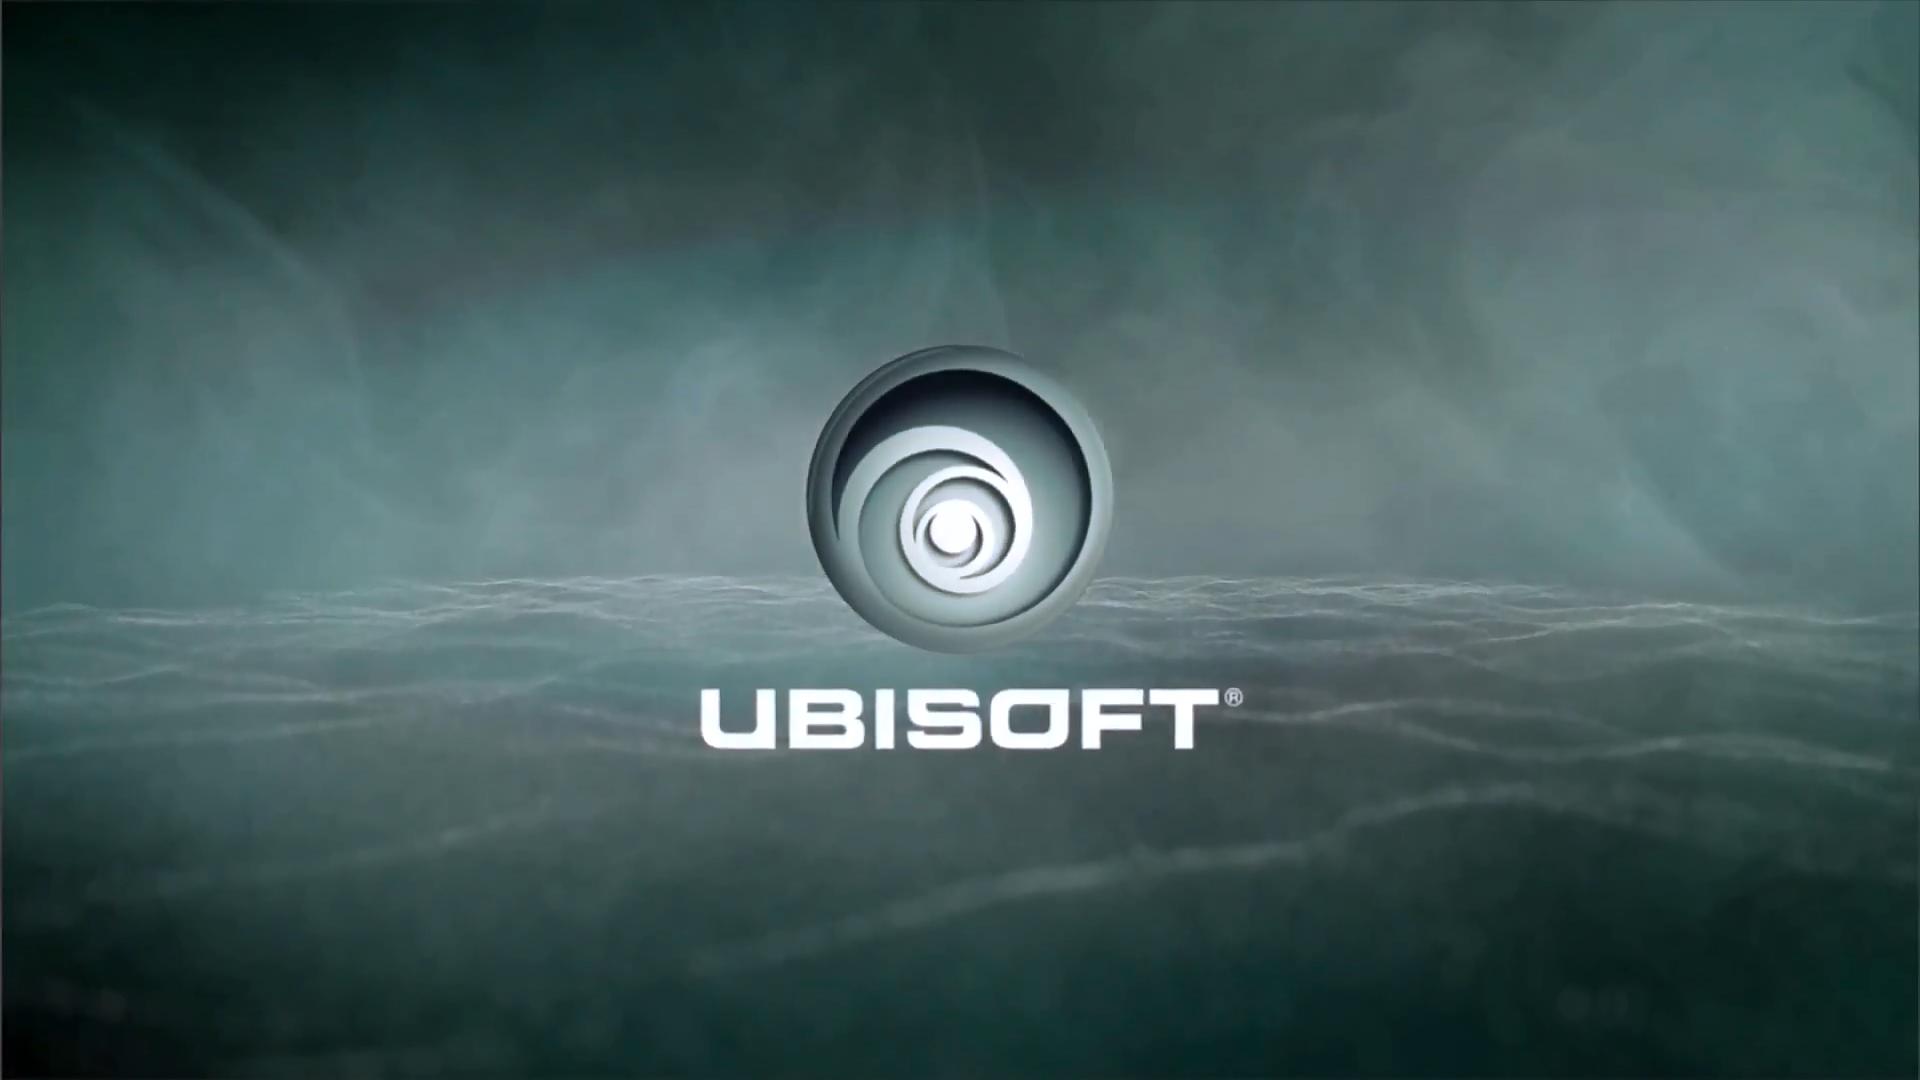 Ubisoft čeština